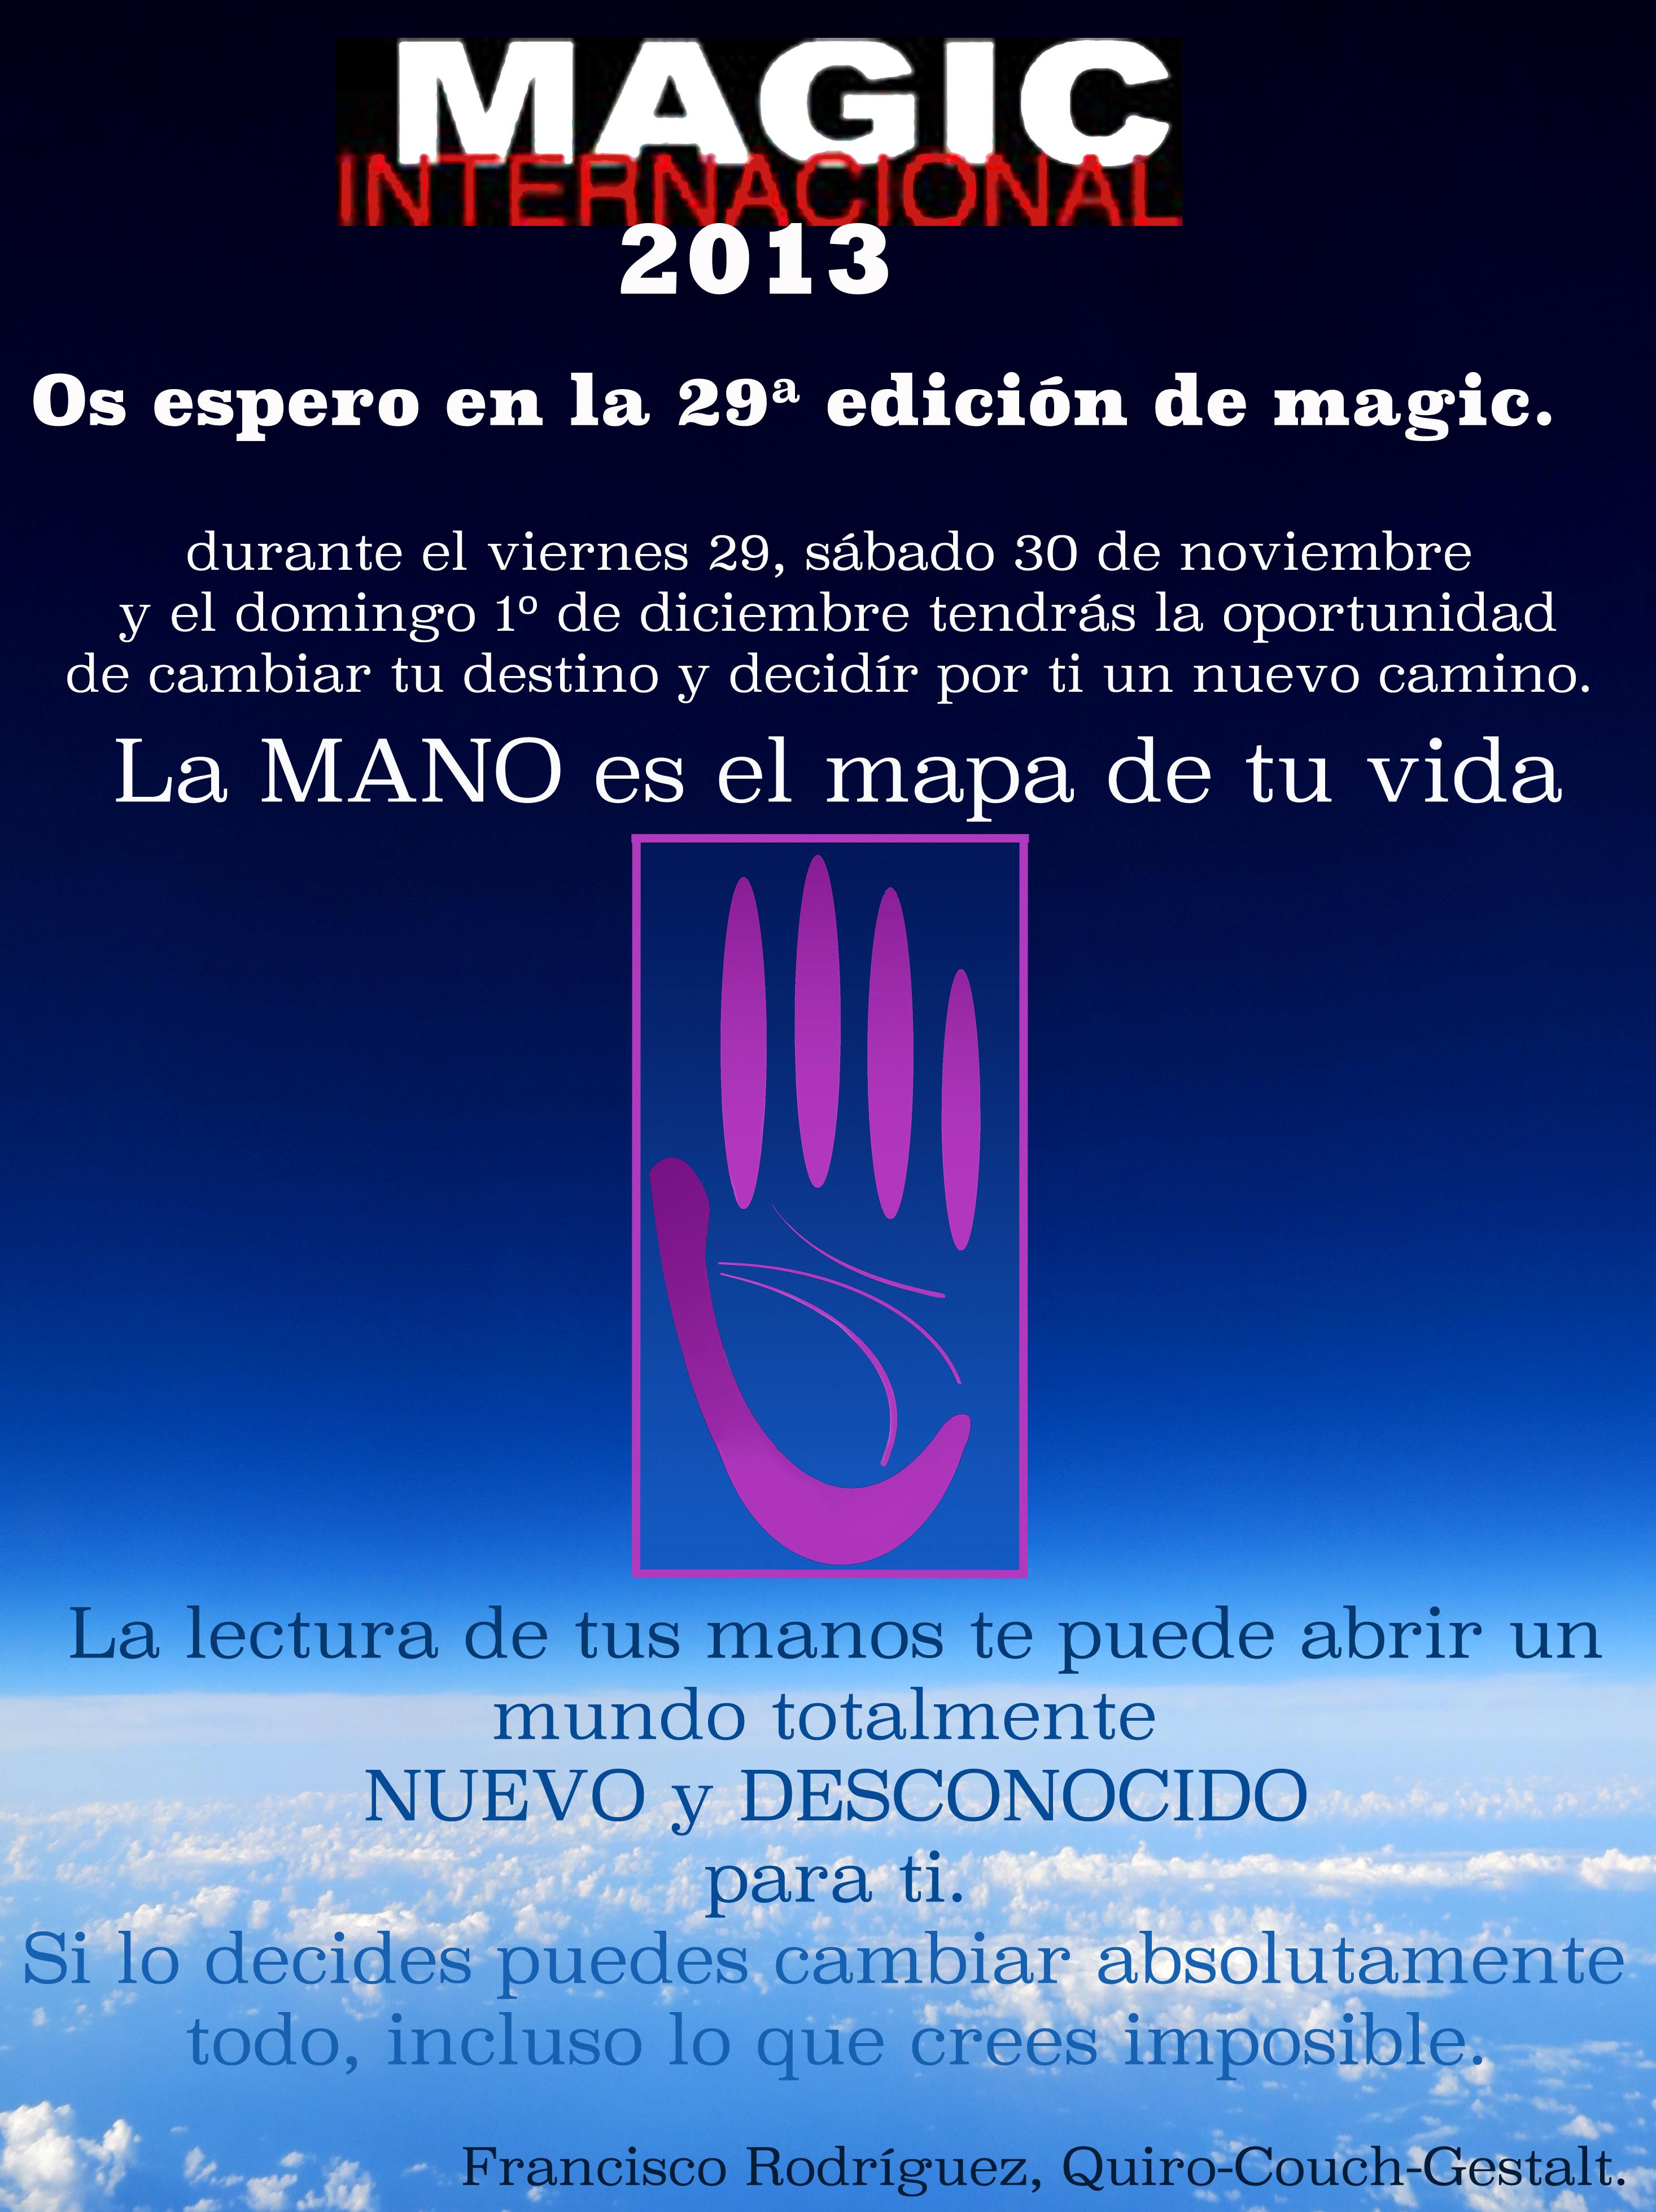 Magic internacional 2013 os espero quiromancia quiroterapia